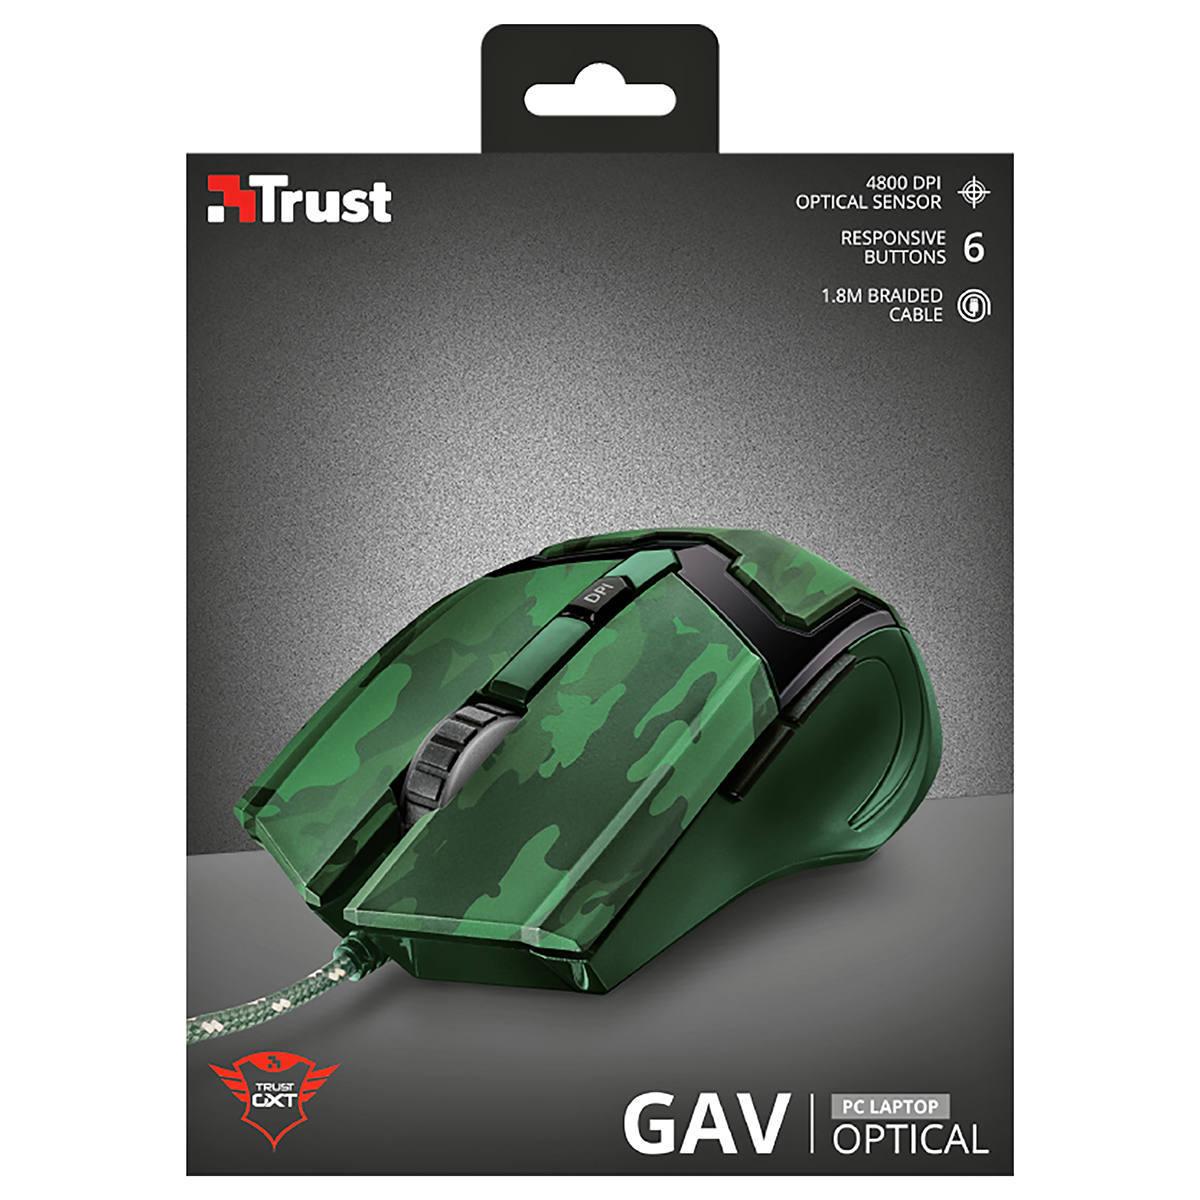 Mouse Gamer 6 Botões DPI Ajustável até 4800 Cabo 1.8m Precisão para Jogos Trust GXT 101C GAV Jungle Camo